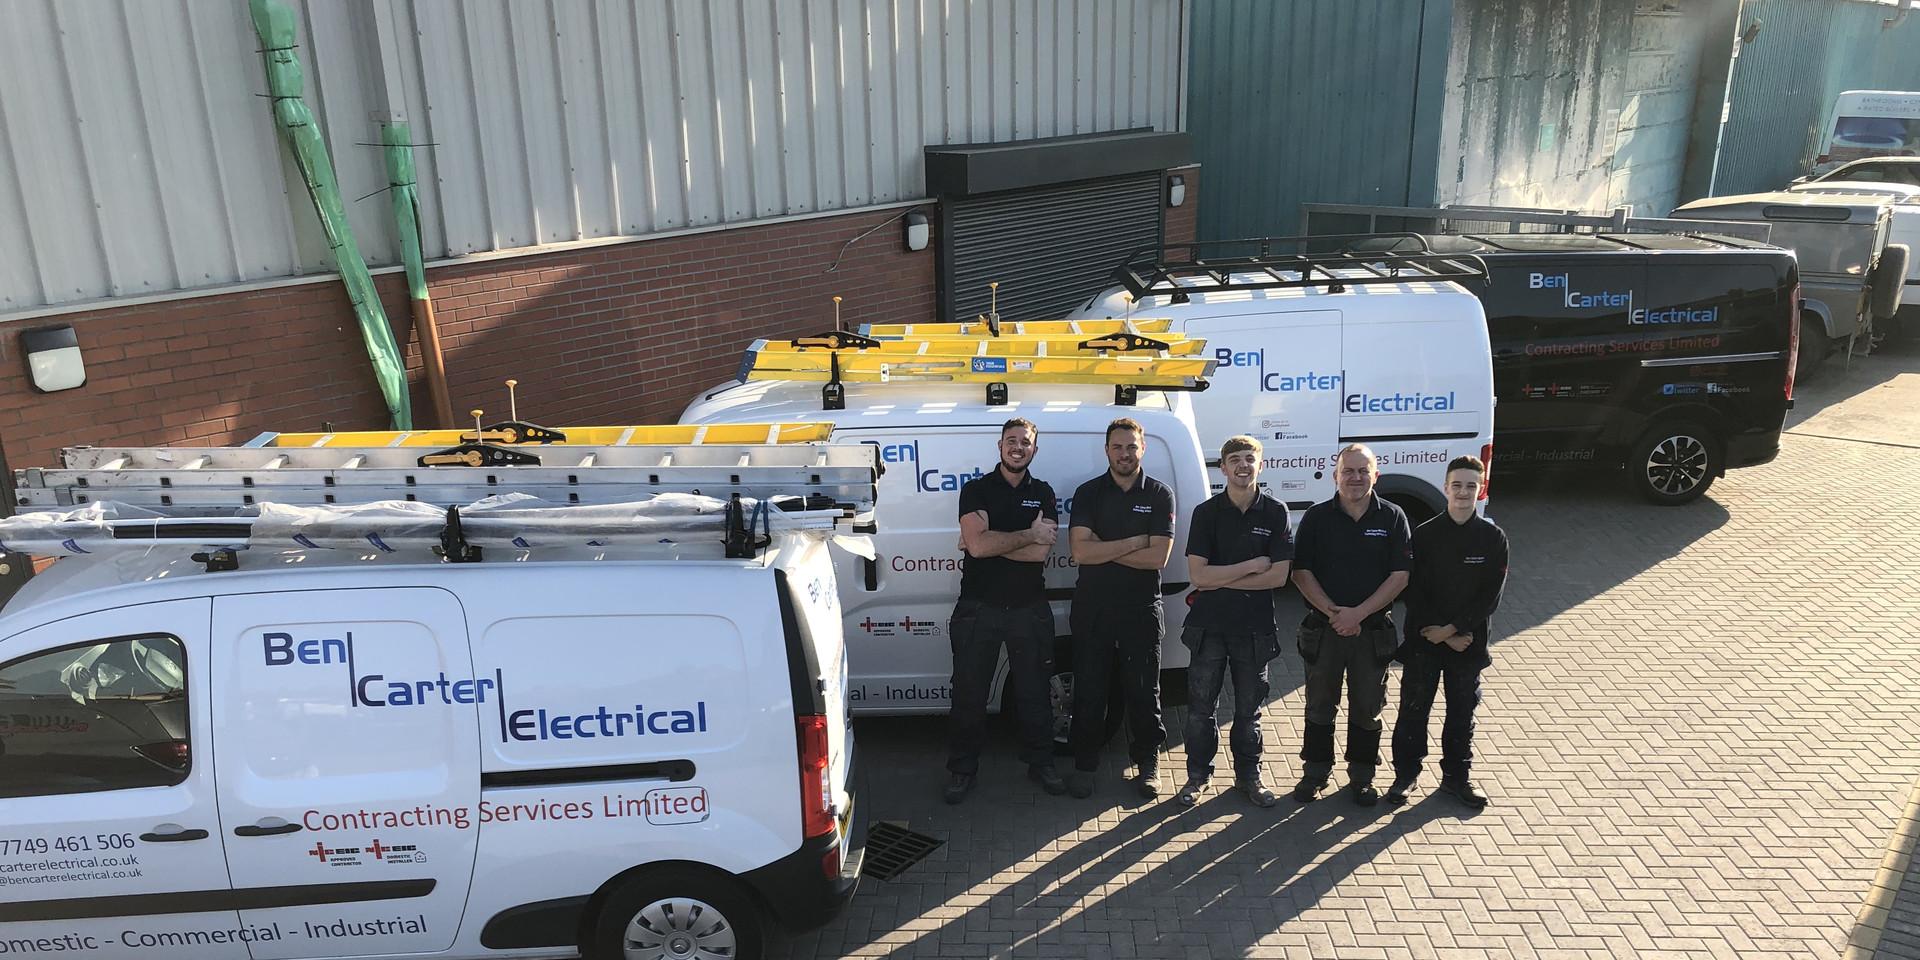 Ben Carter Electrical Crew